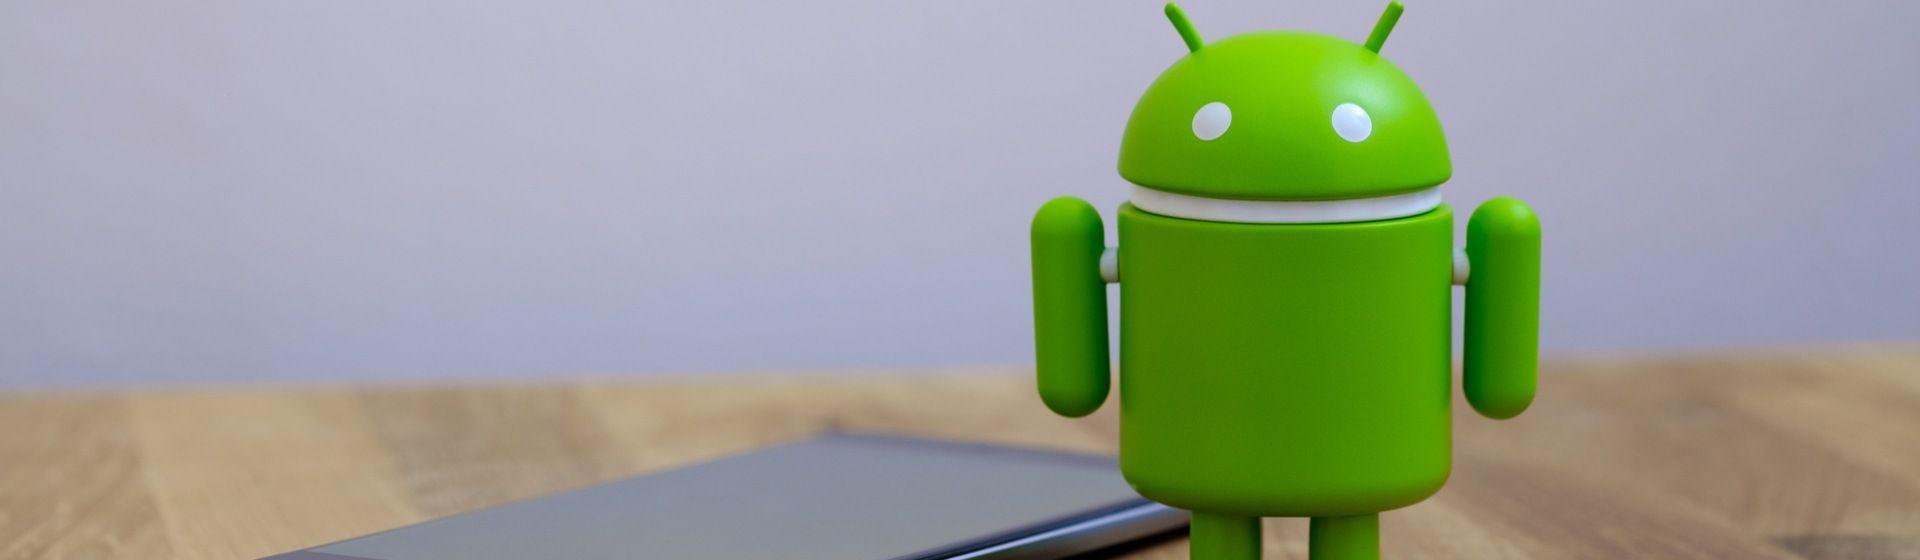 Celular Android barato: bons modelos para comprar em 2021